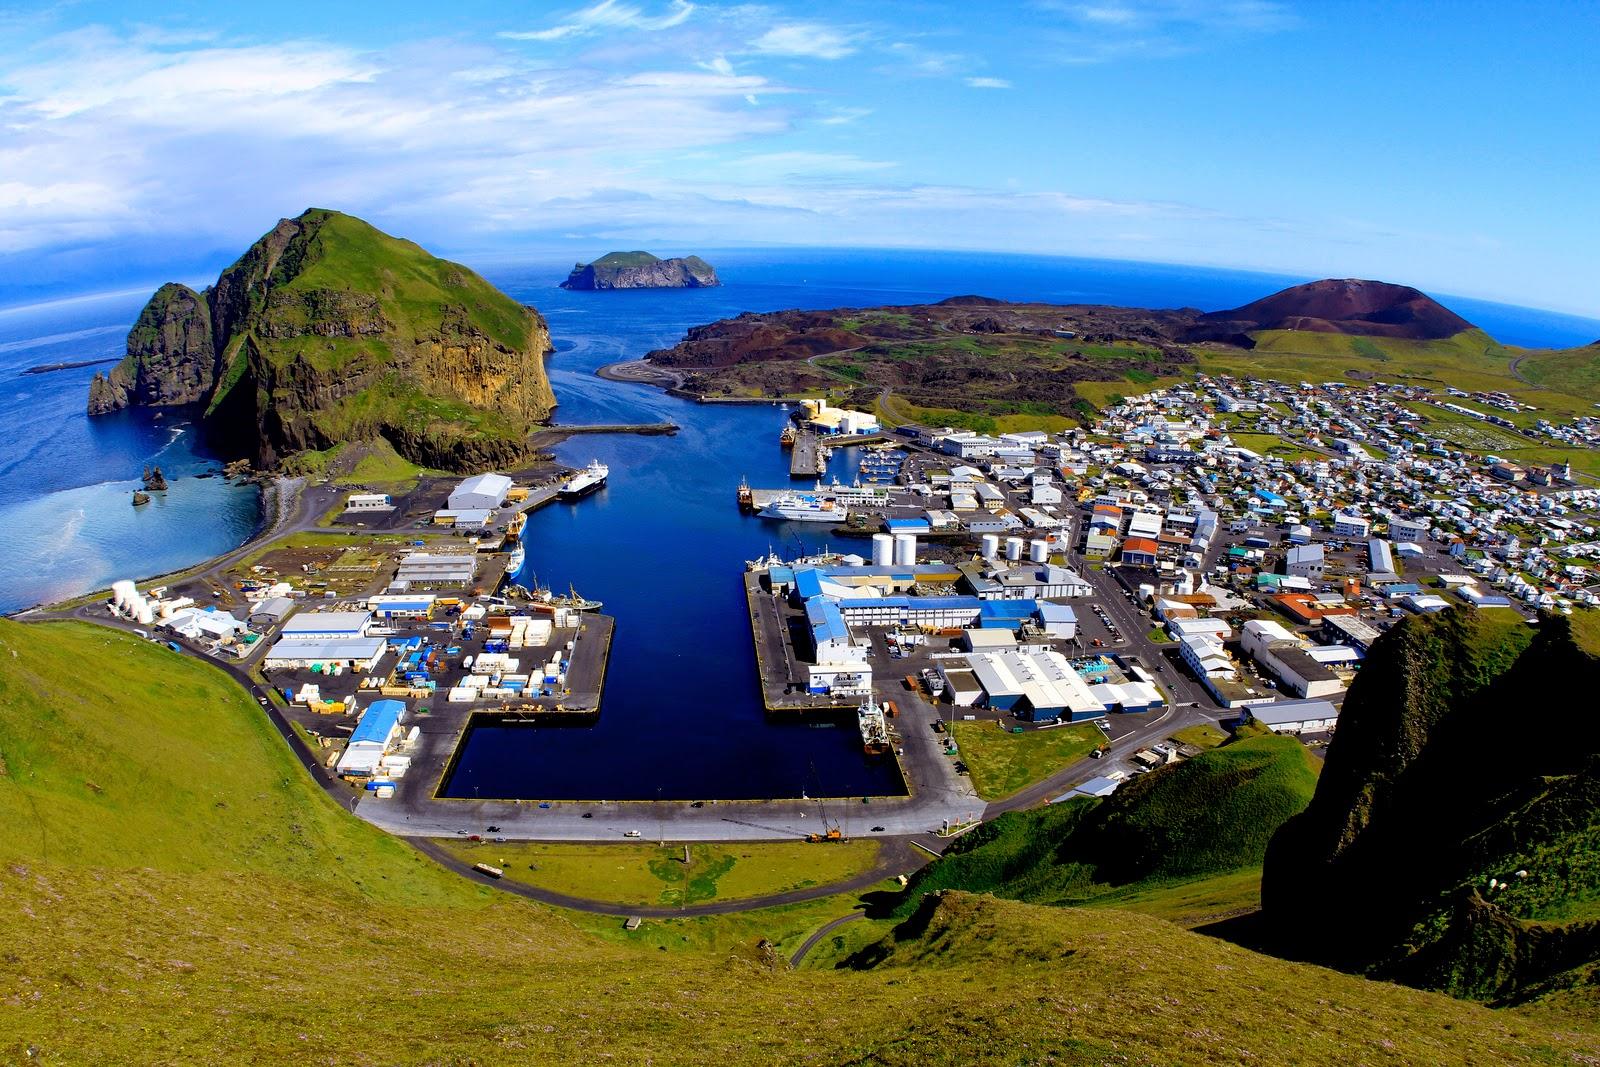 Visitando Islandia con niños